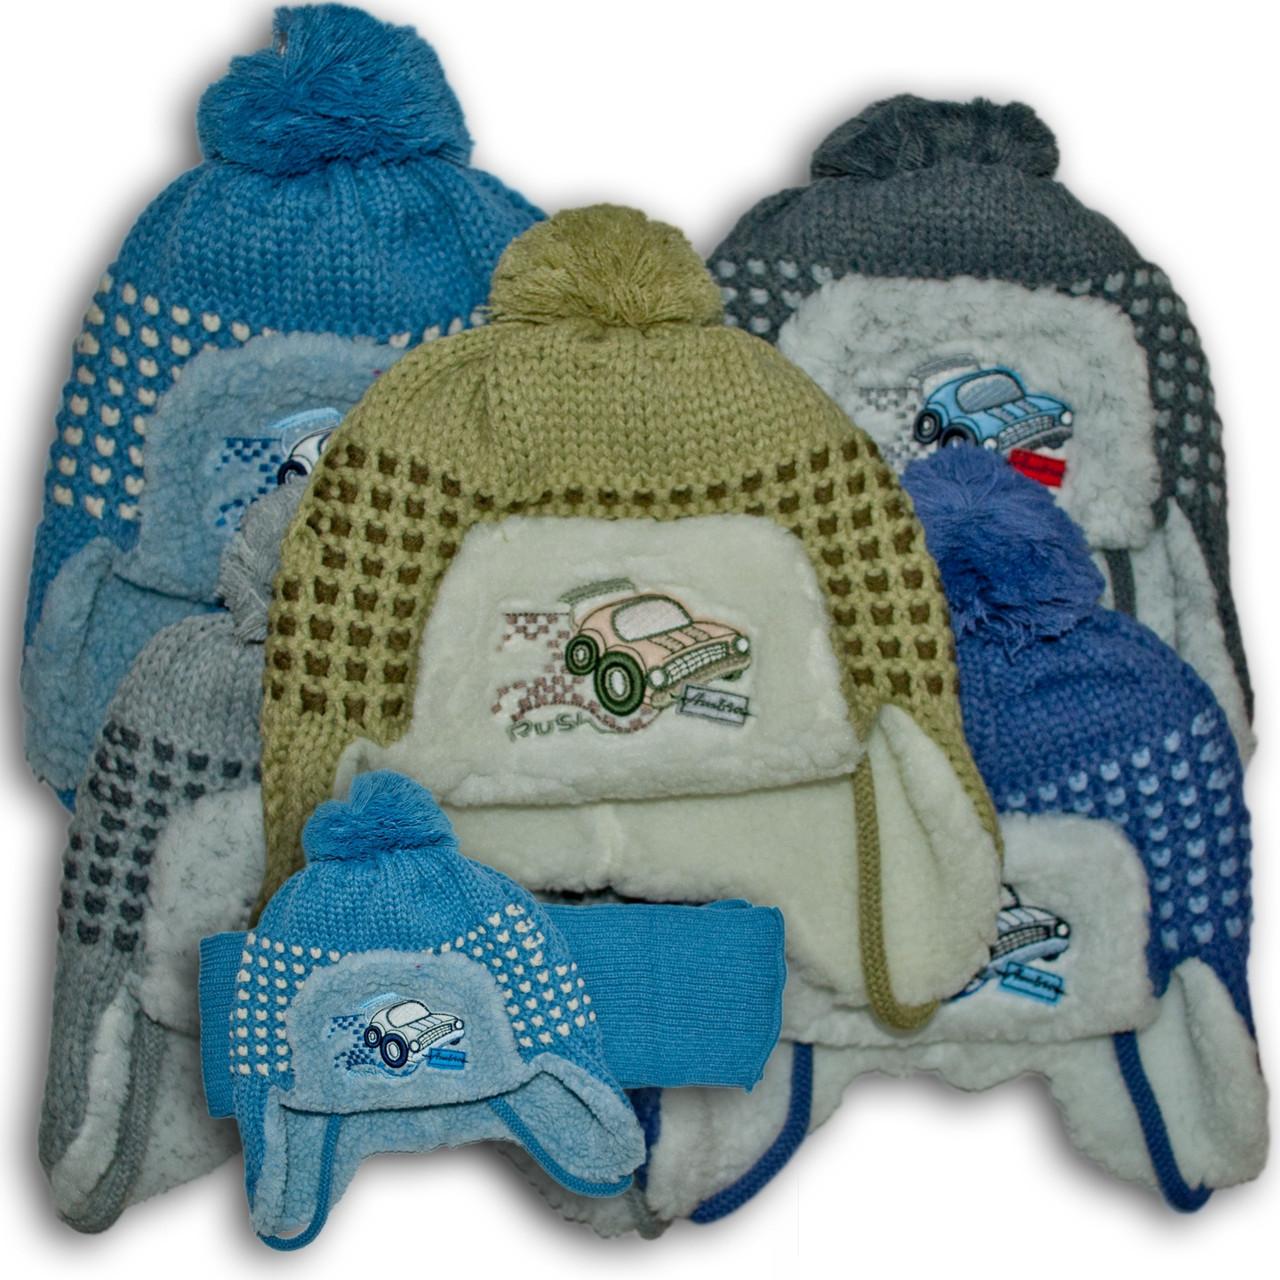 Комплект (шапка + шарф) Польского производителя Ambra с подкладкой искуственный мех, модель H103/МЕХ